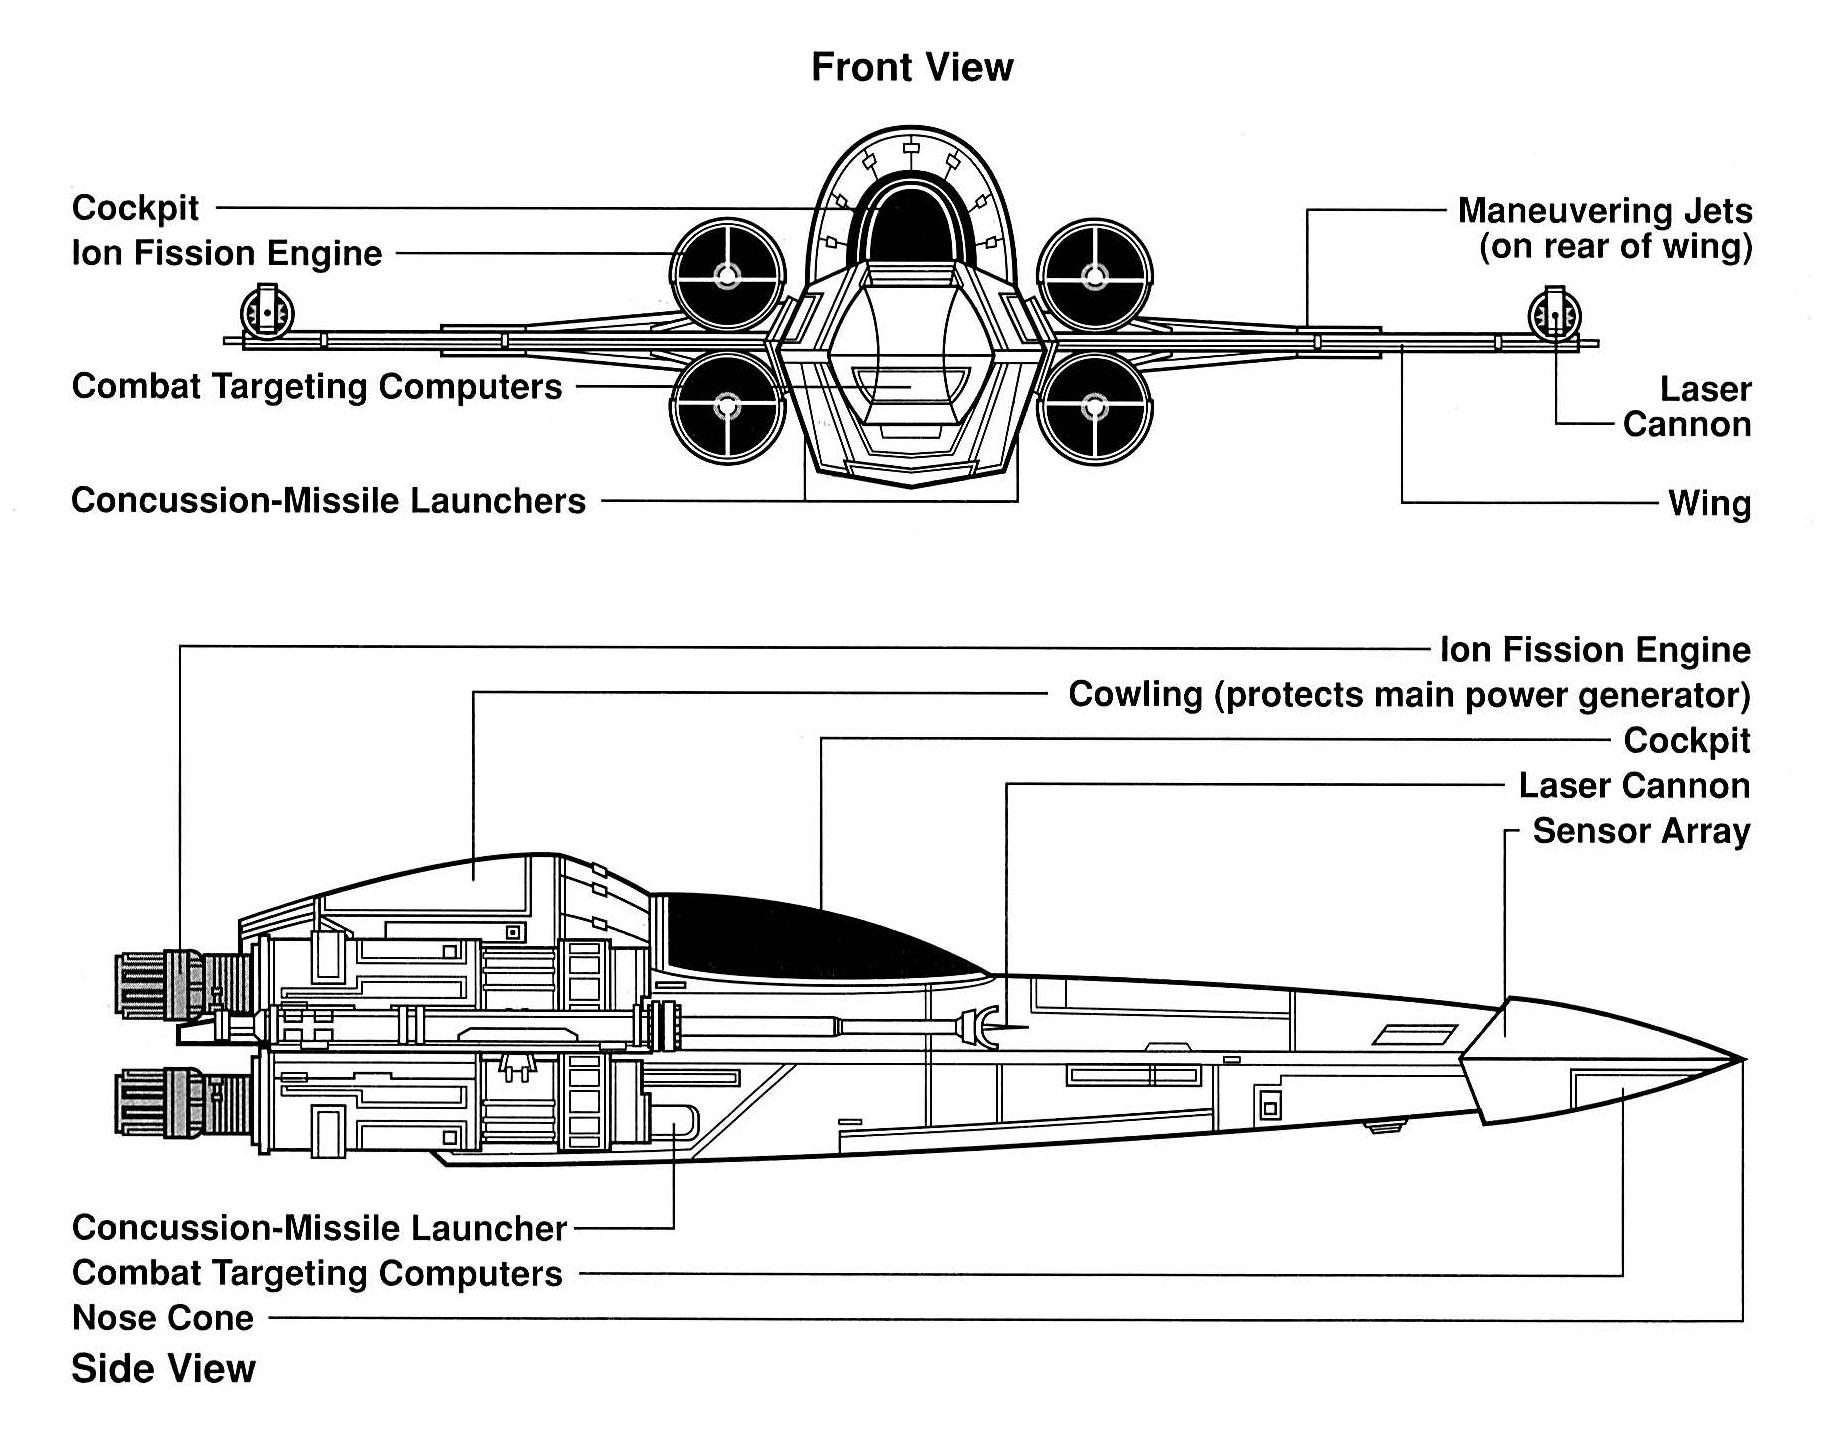 Weg Games X Wing Schematics - Wiring Circuit • on tie interceptor schematics, at-at schematics, slave 1 schematics, minecraft schematics, y-wing schematics, a wing fighter schematics, halo warthog schematics, b-wing schematics,